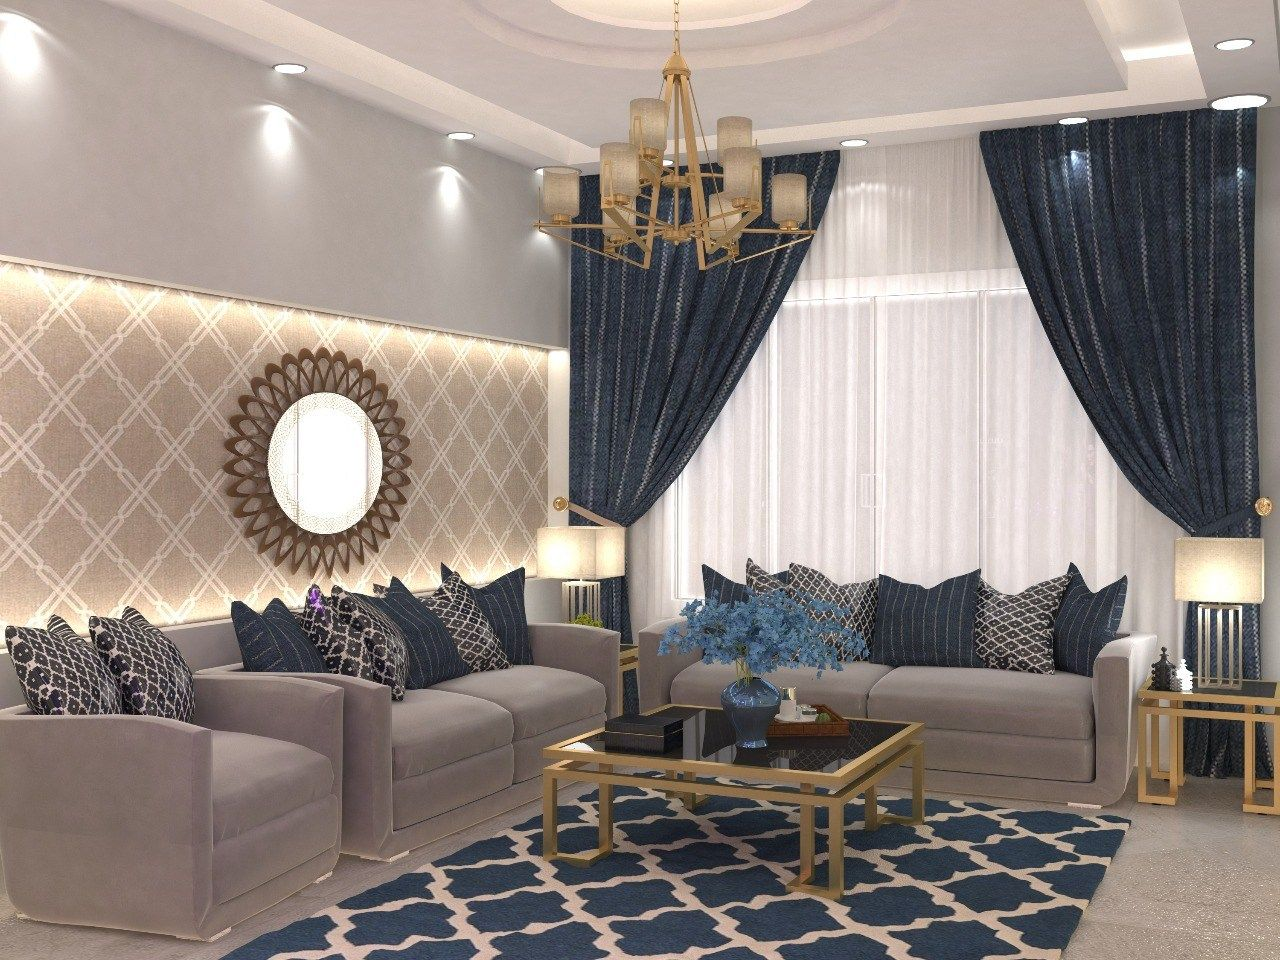 مجالس نساء بازار للتصميم الداخلي و الديكور Classy Living Room Living Room Decor Apartment Living Room Design Modern